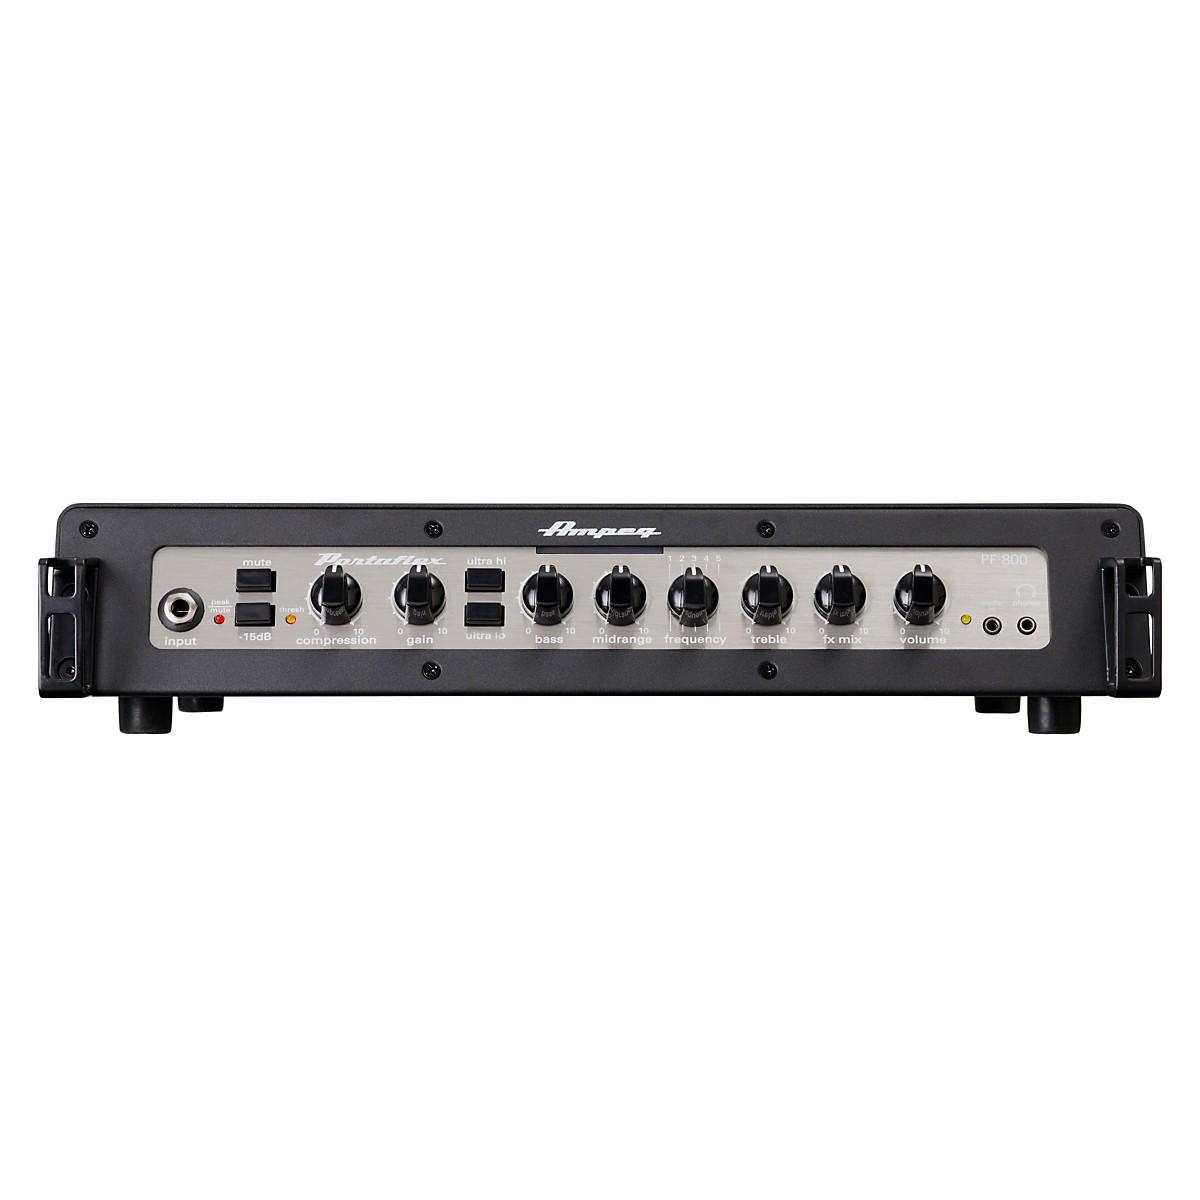 Ampeg Portaflex PF800 800W Class-D Bass Amp Head